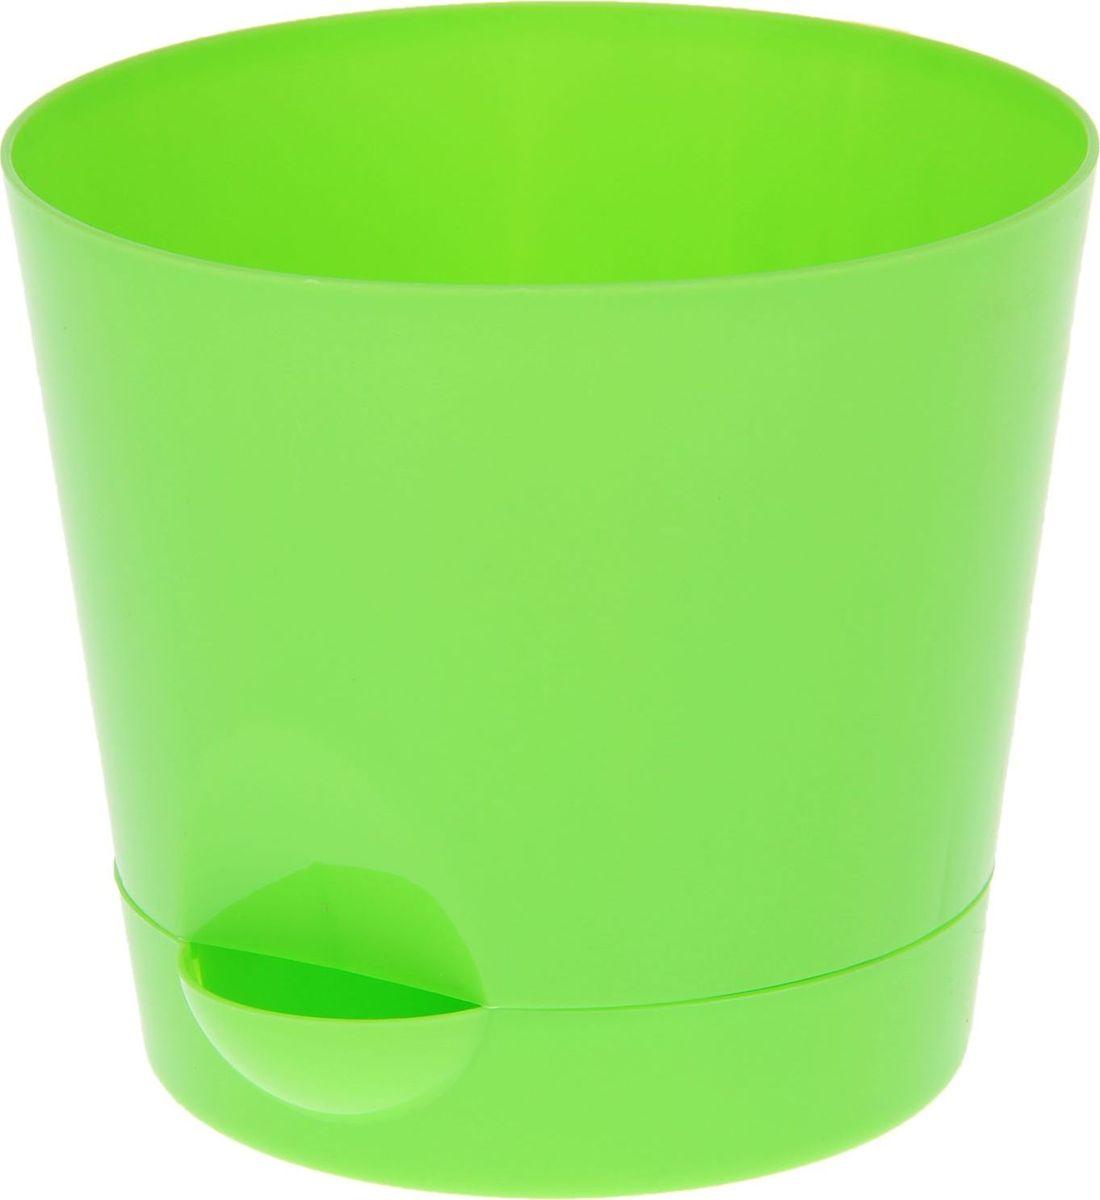 Кашпо Idea Ника, с прикорневым поливом, с поддоном, цвет: ярко-зеленый, 800 мл горшок ника гортензия d12см 0 8л с прикорневым поливом